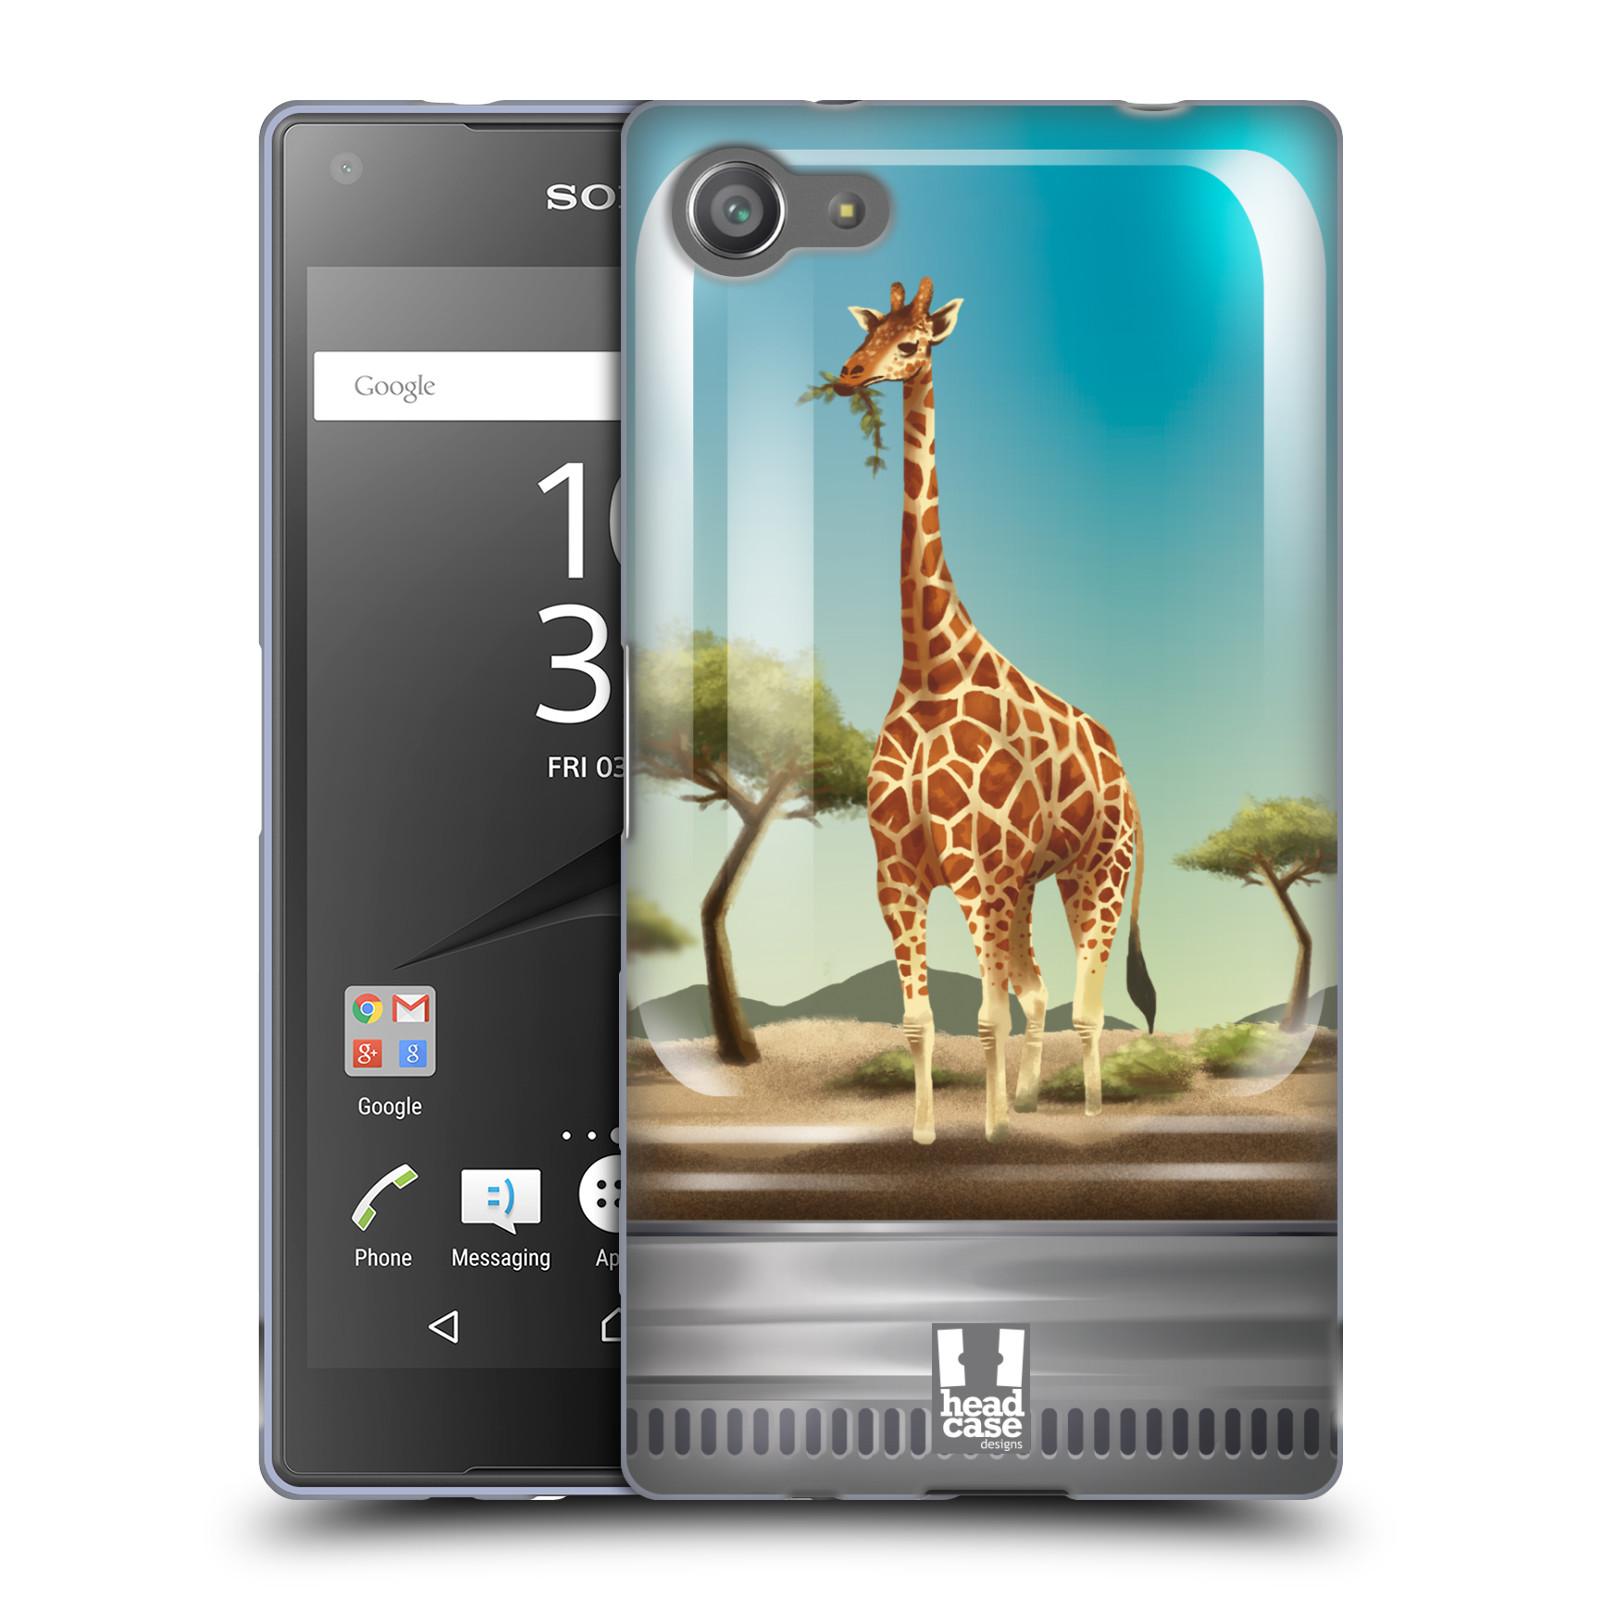 HEAD CASE silikonový obal na mobil Sony Xperia Z5 COMPACT vzor Zvířátka v těžítku žirafa